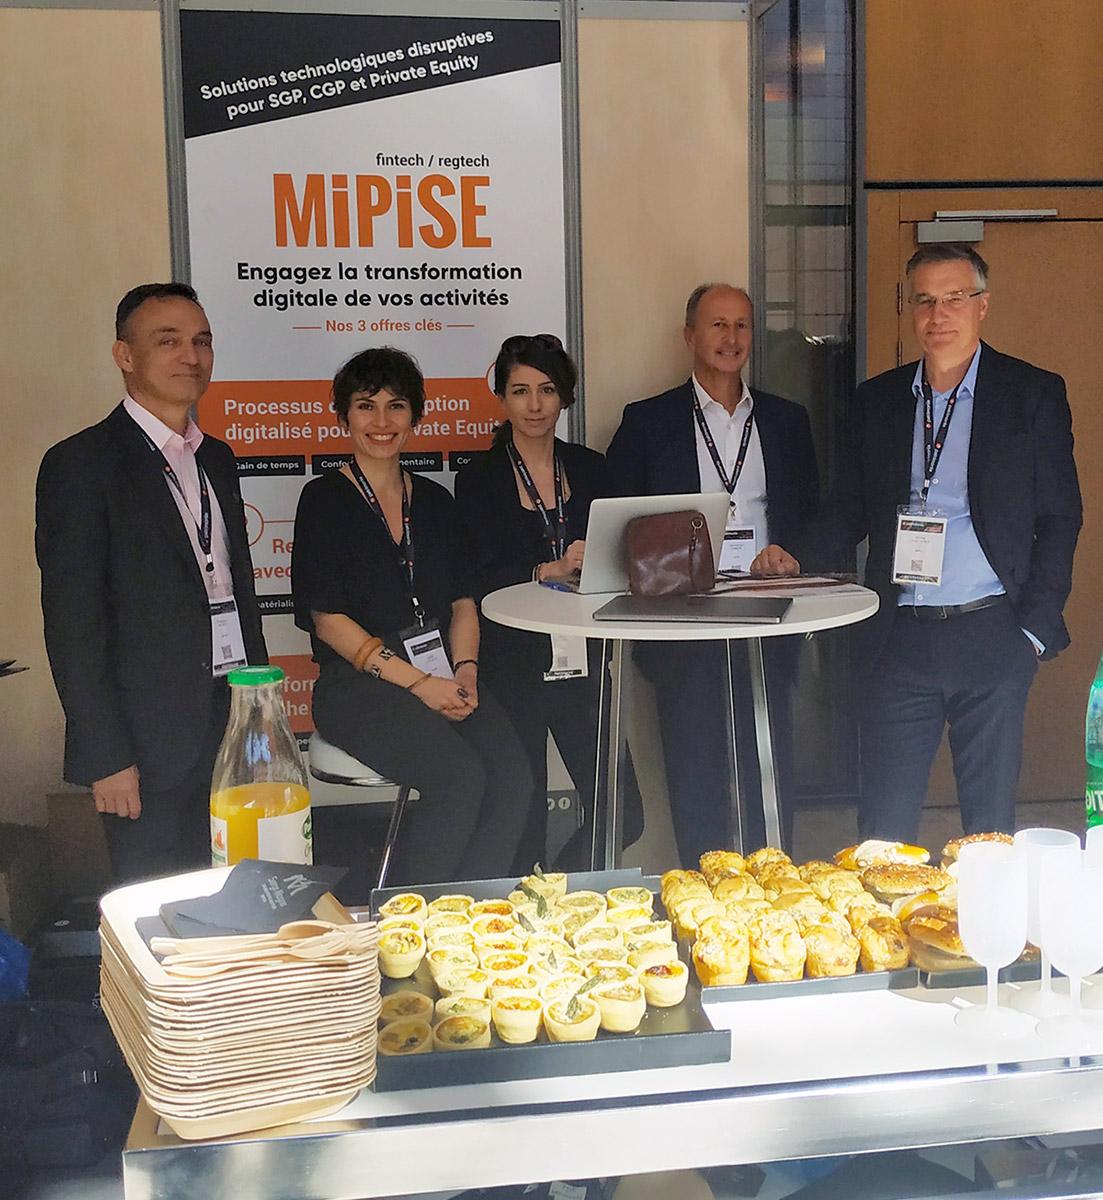 Patrimonia 2019 : MIPISE présente sa solution de workflow de souscription de fonds pour SGP et CGP